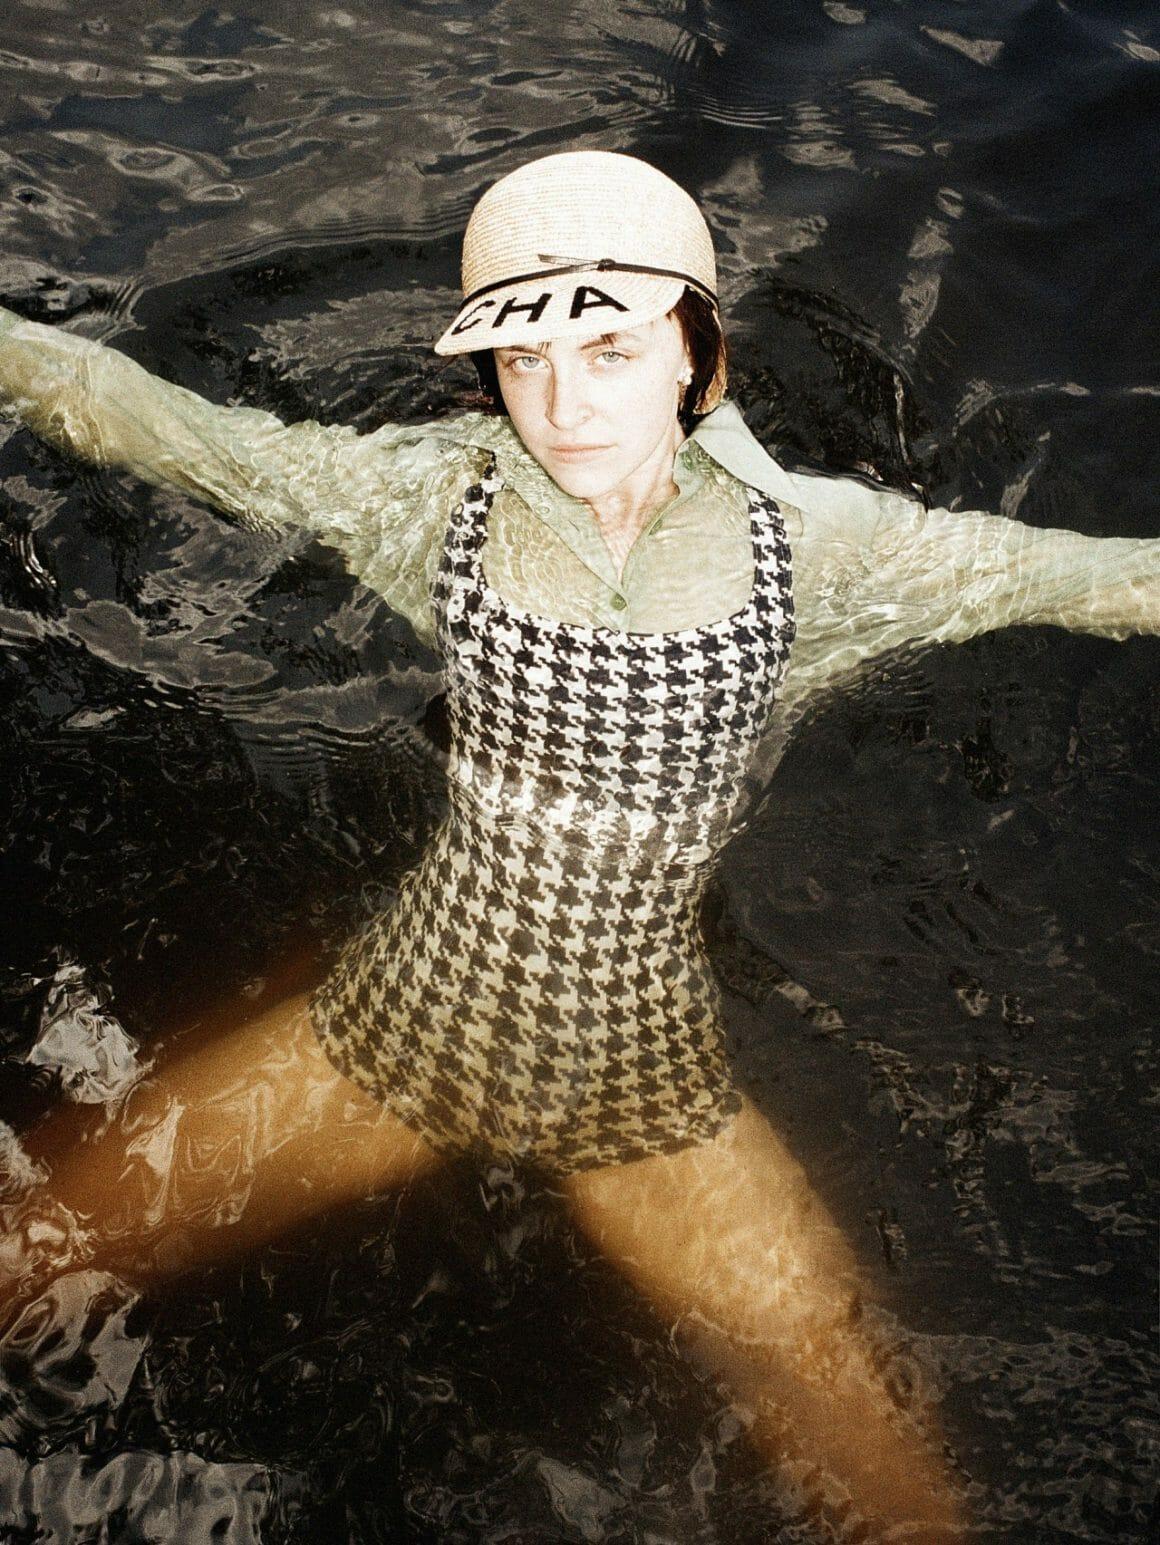 mer femme mannequin dans eau océan Peter Kaaden